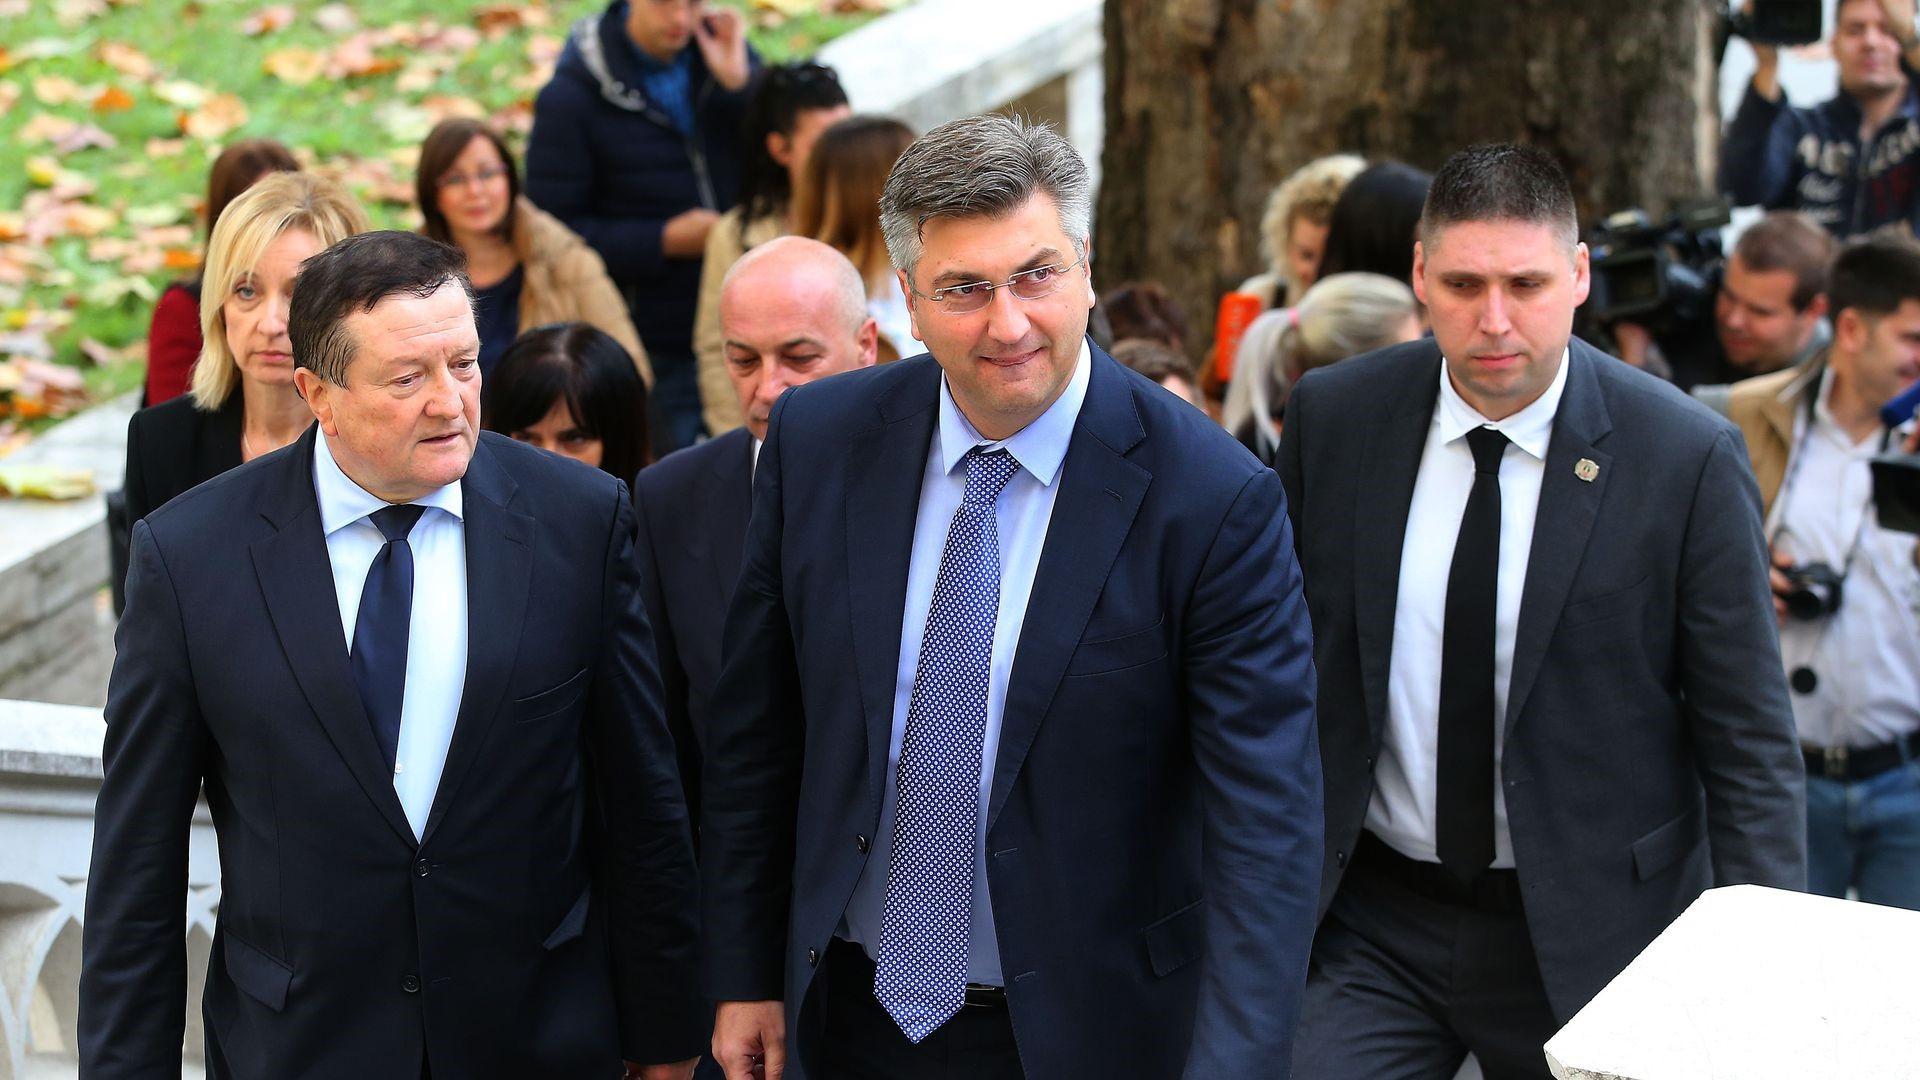 Kryeministri kroat i shoqëruar me truproja, shpërthejnë polemikat